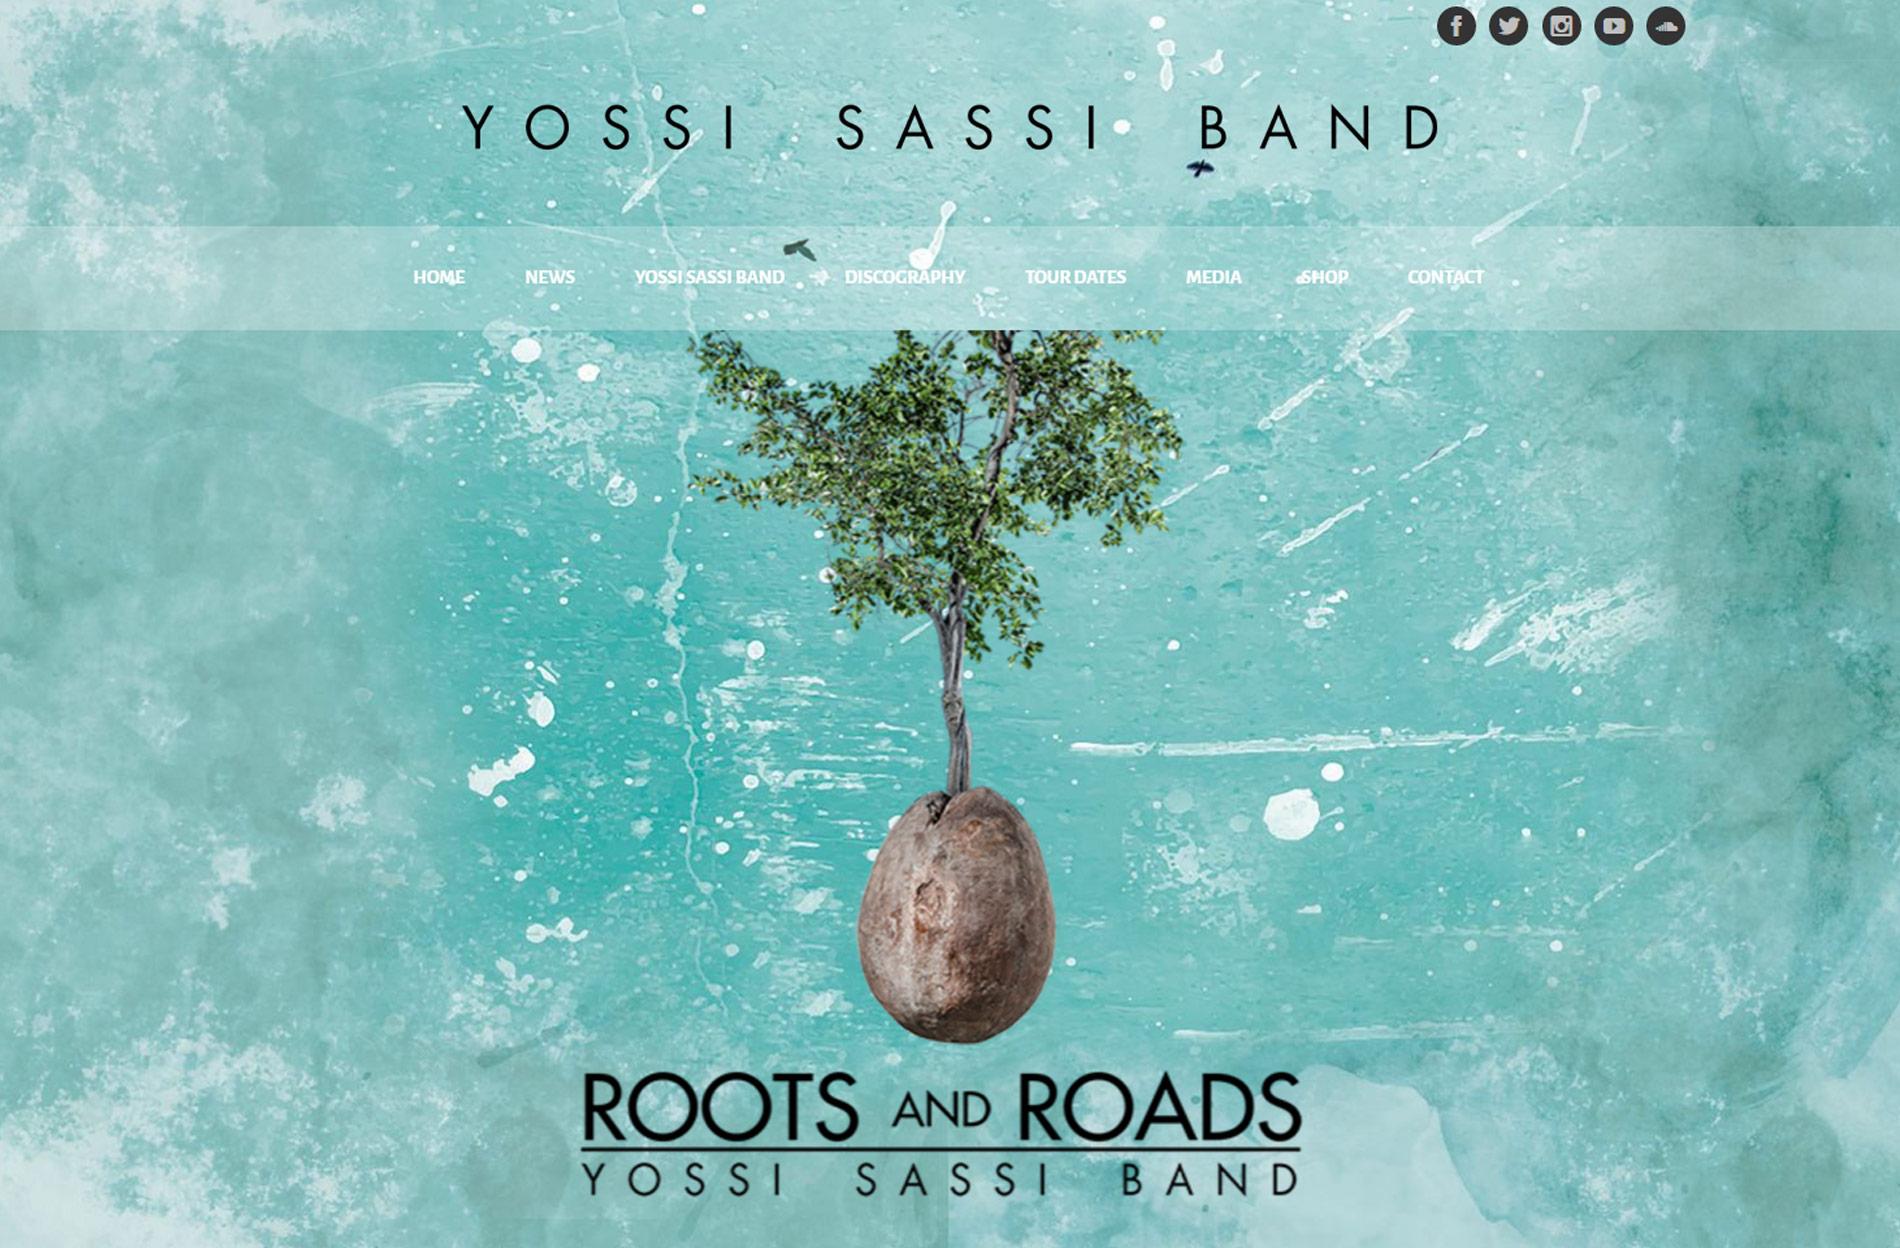 Yossi Sassi Band